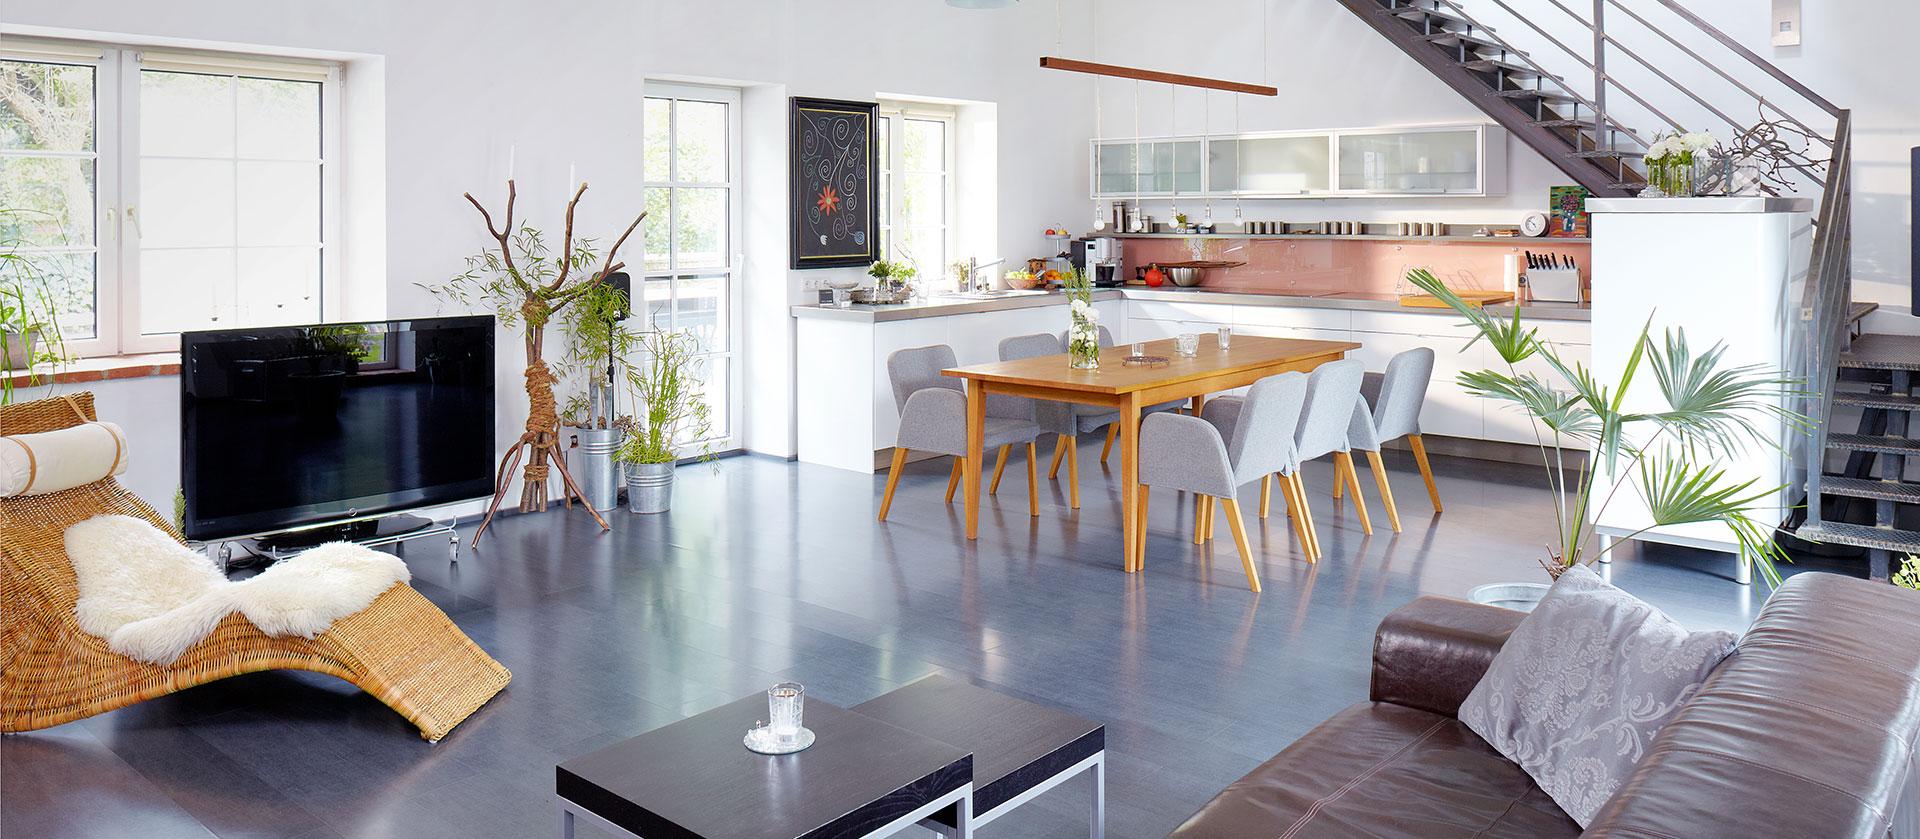 domotique commande distance pose d 39 alarmes vers. Black Bedroom Furniture Sets. Home Design Ideas